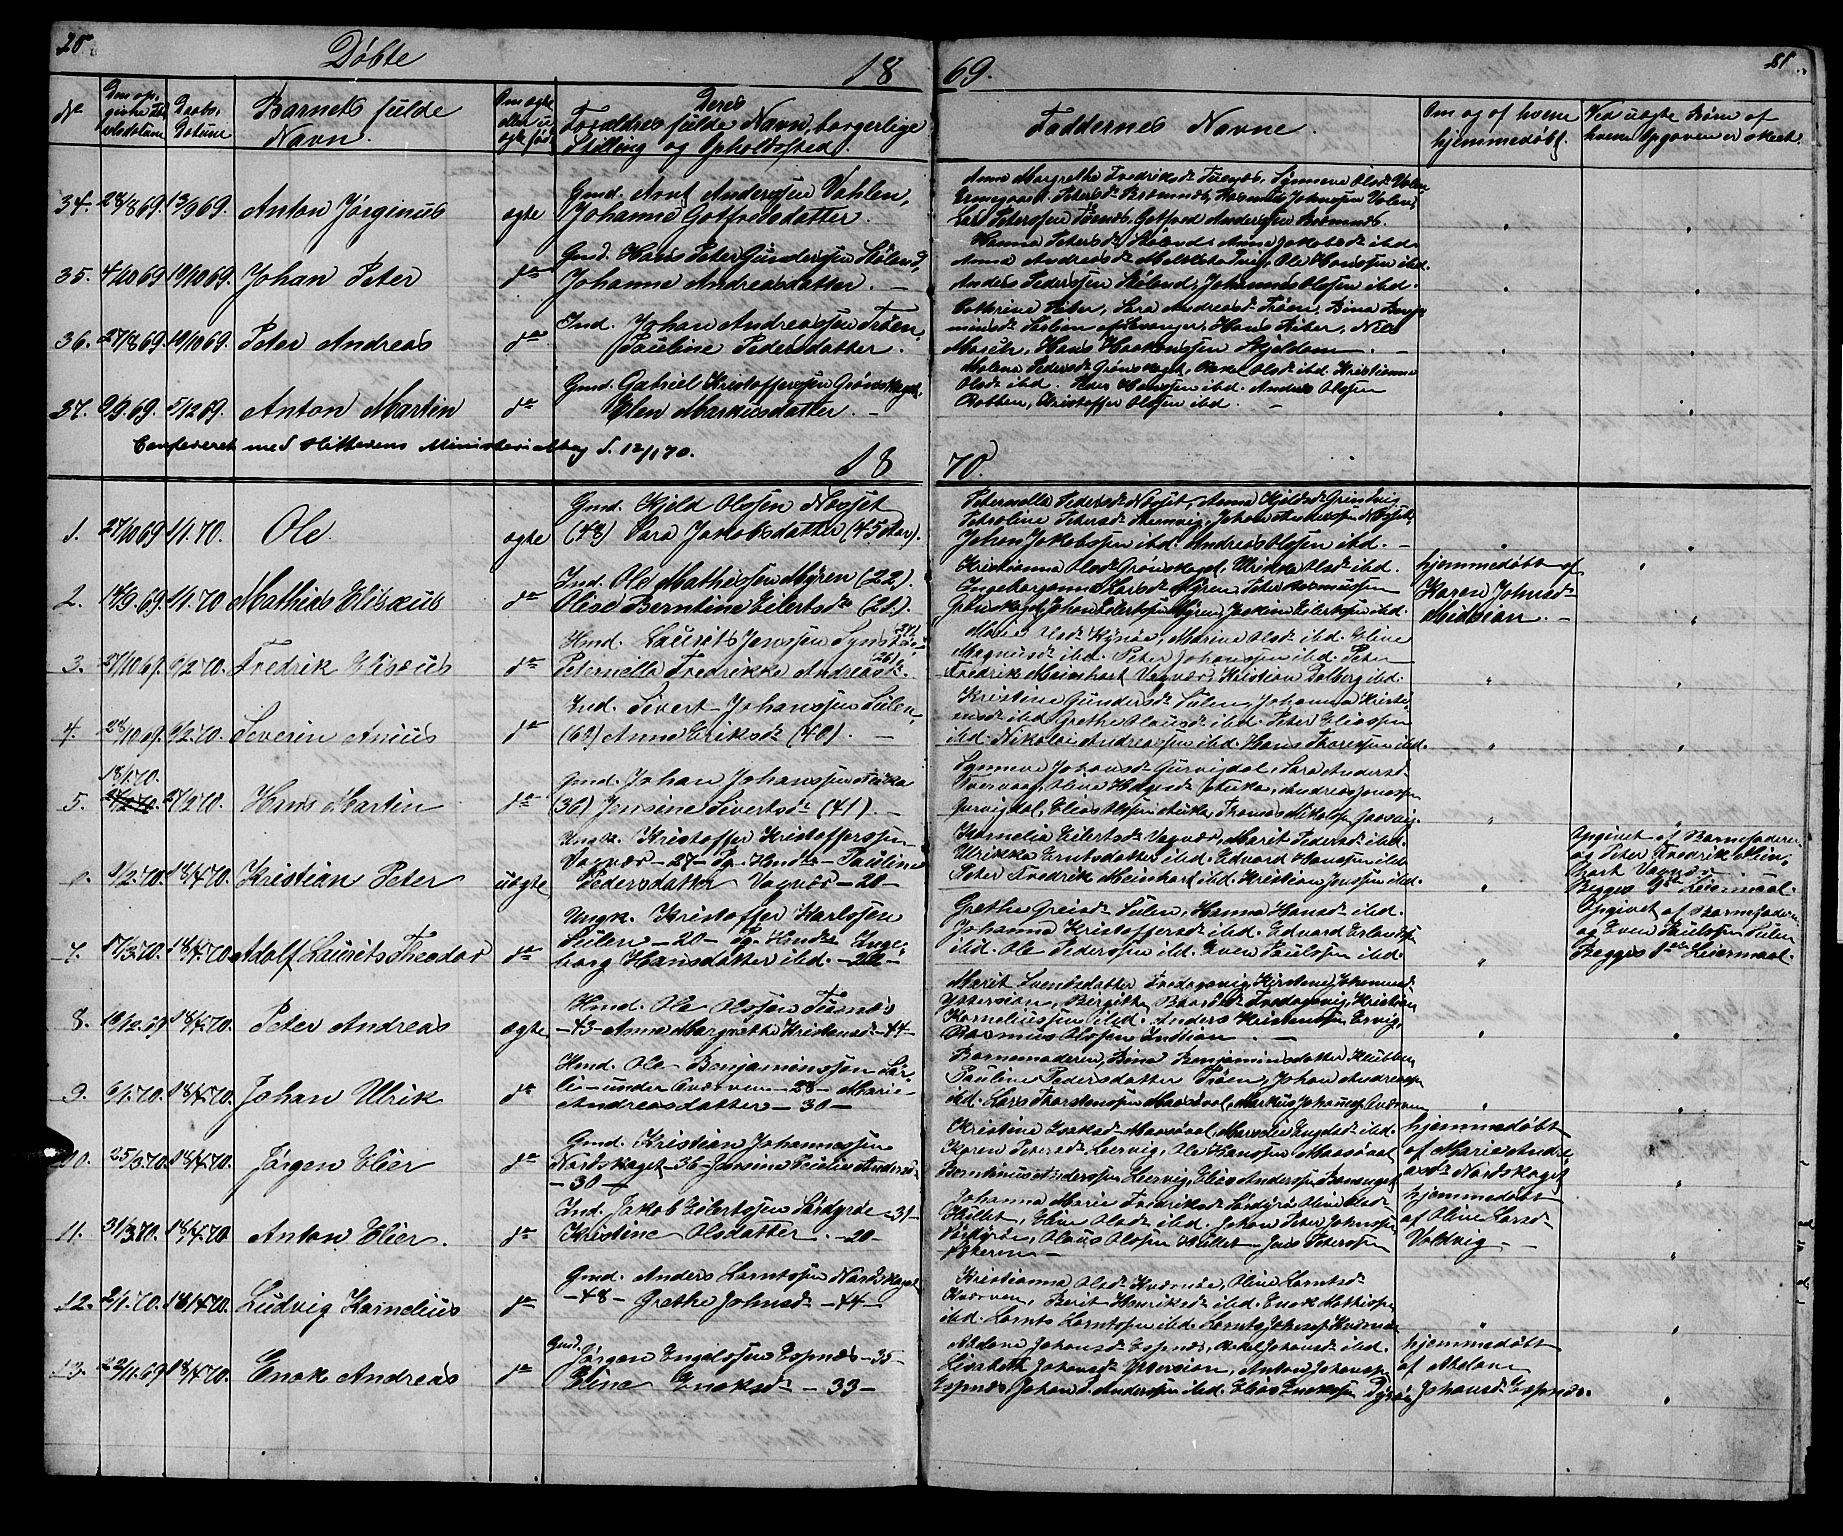 SAT, Ministerialprotokoller, klokkerbøker og fødselsregistre - Sør-Trøndelag, 640/L0583: Klokkerbok nr. 640C01, 1866-1877, s. 20-21